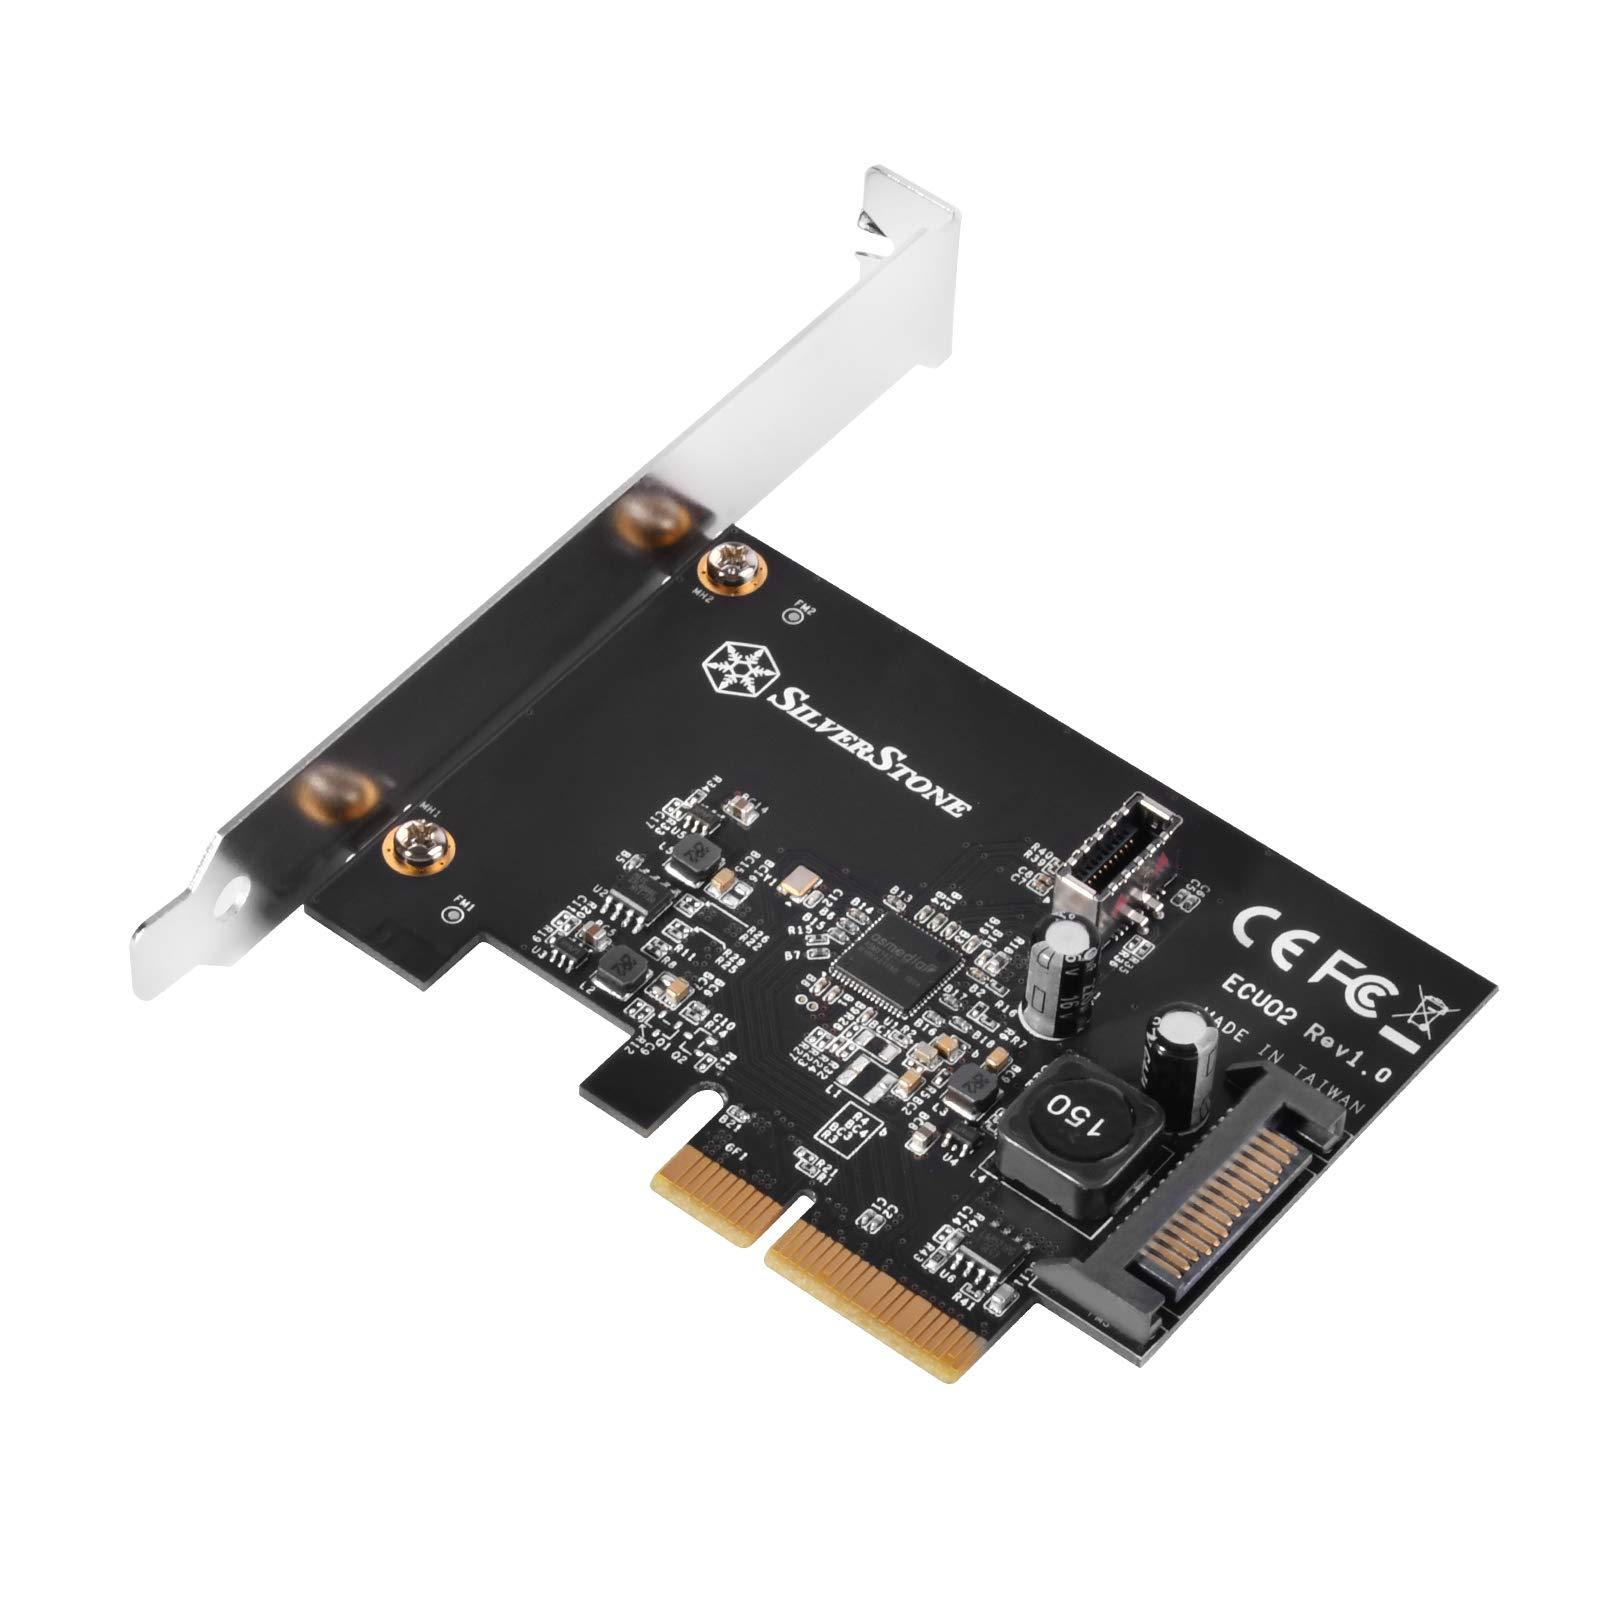 SilverStone Technology USB 3.1 Gen 2 Conector interno de 20 pines Tipo-C Encabezado de puerto a PCIe Gen 3.0 X2 Ecu02